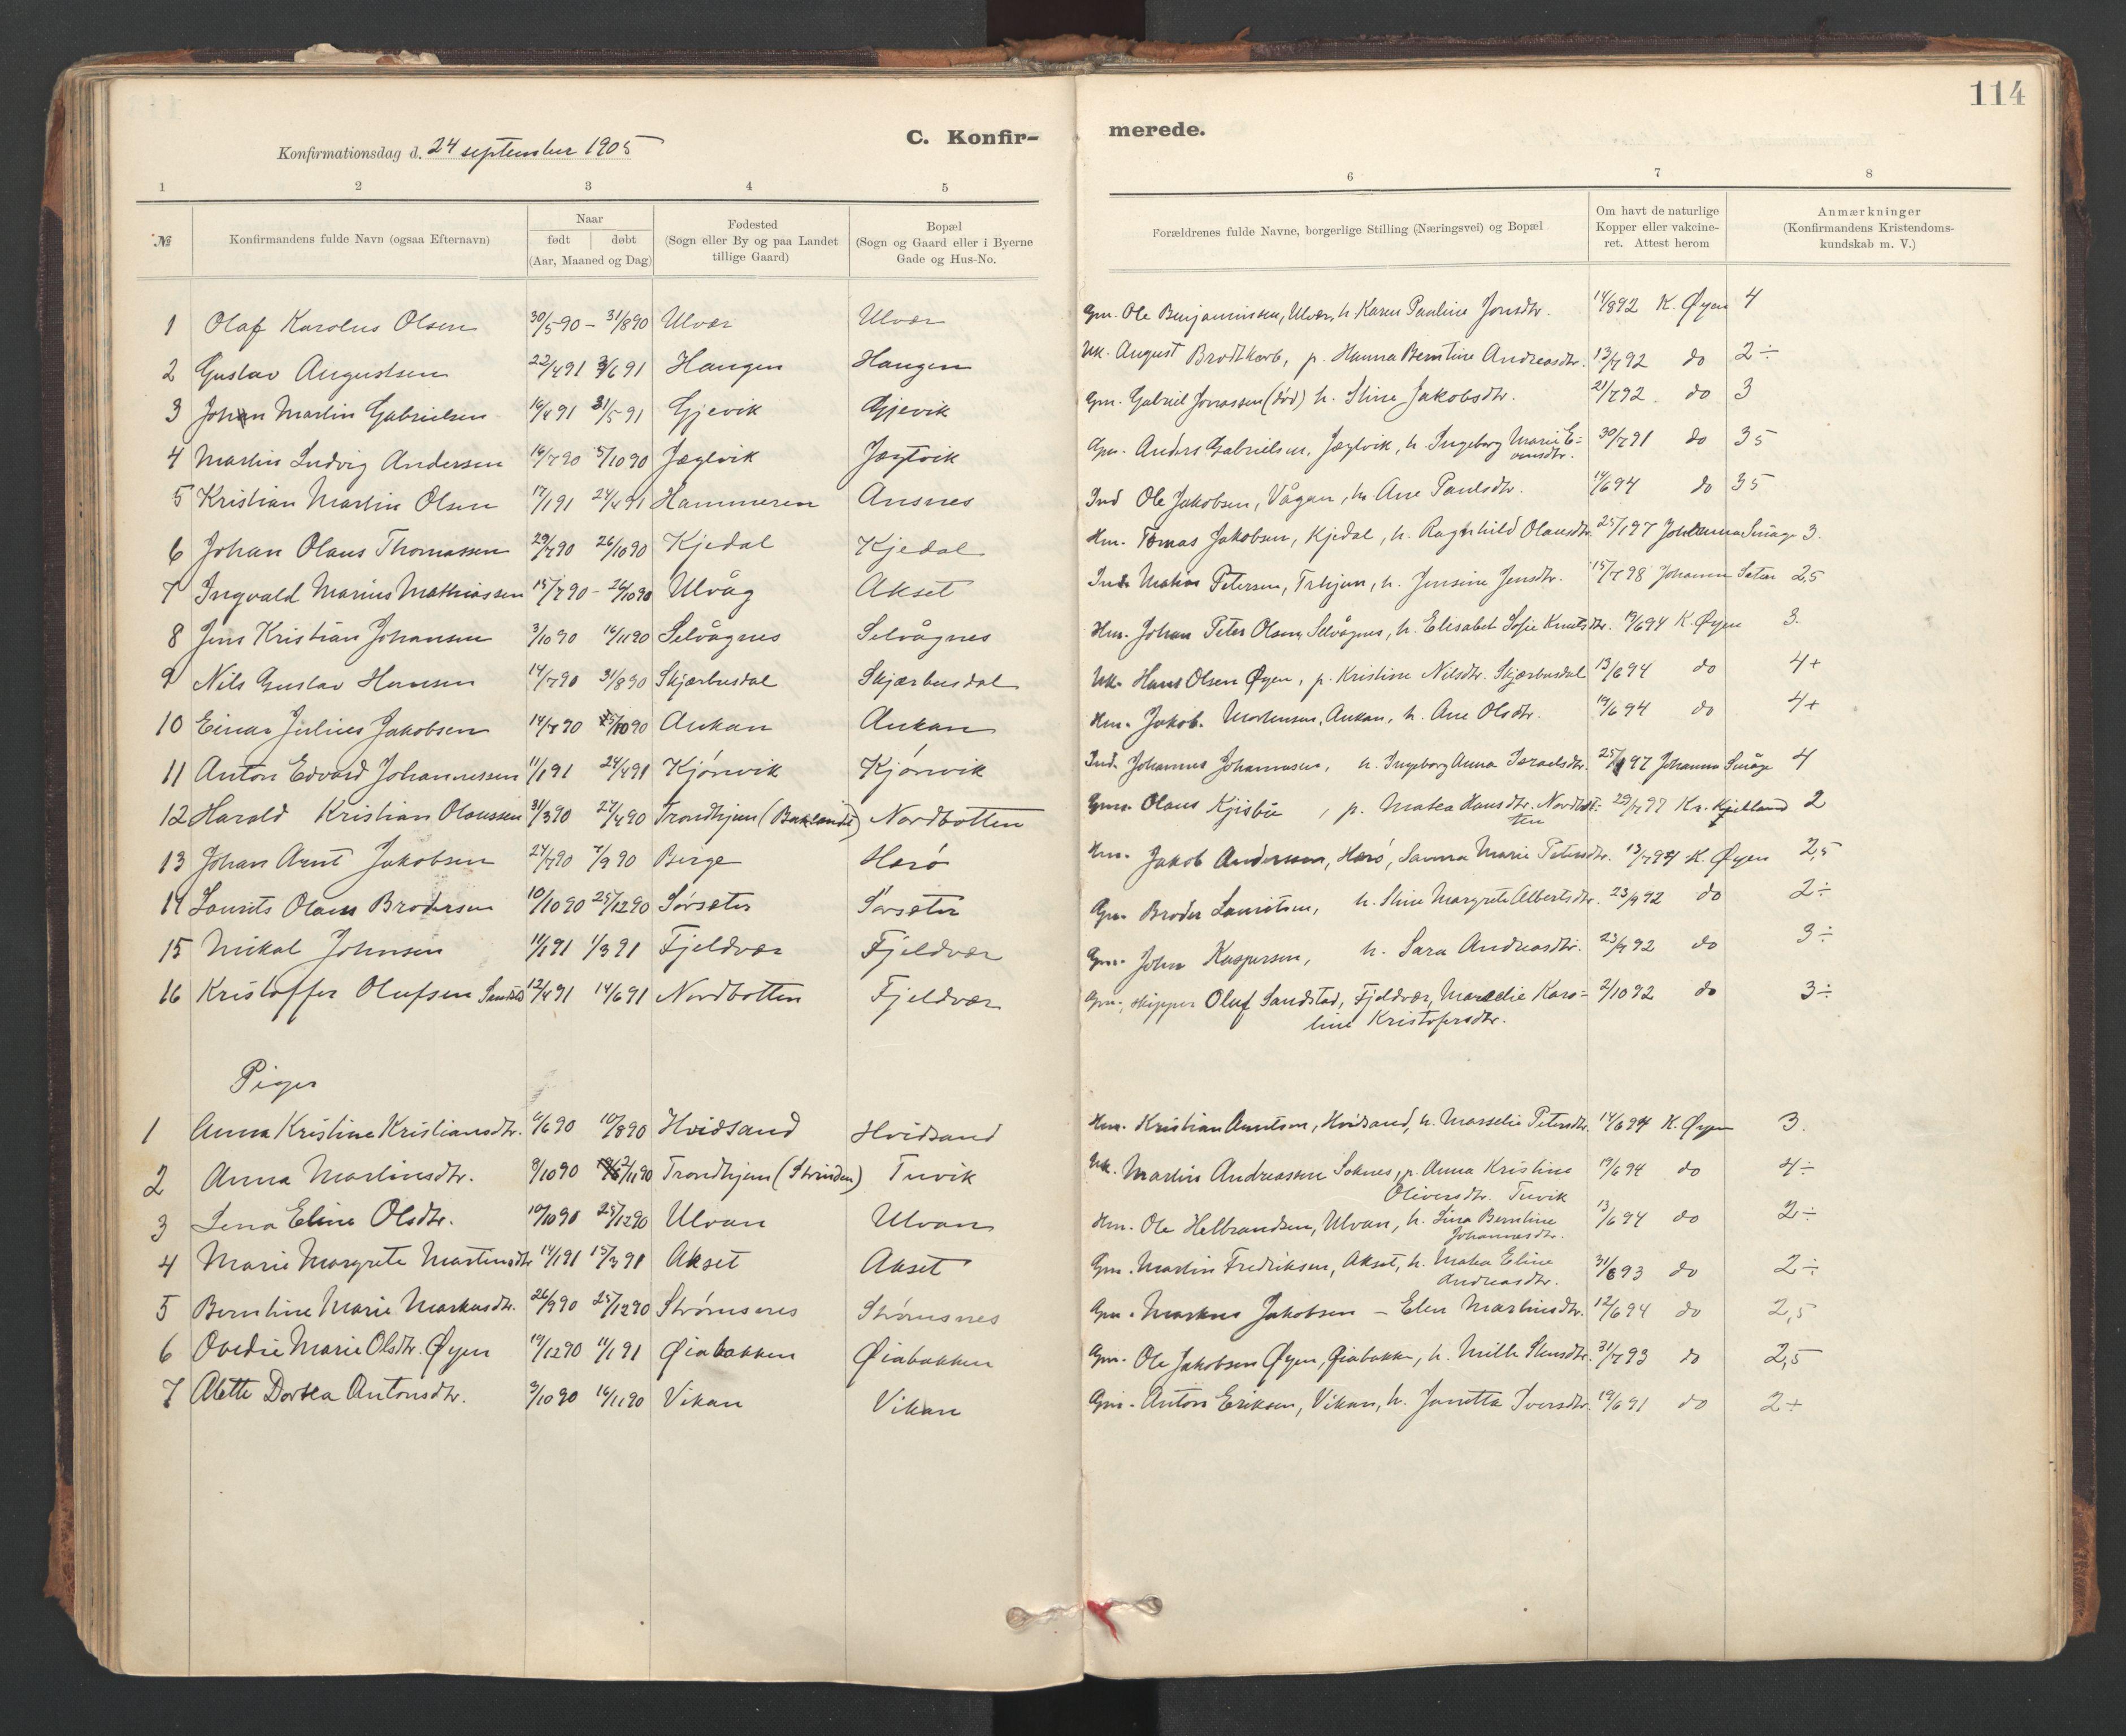 SAT, Ministerialprotokoller, klokkerbøker og fødselsregistre - Sør-Trøndelag, 637/L0559: Ministerialbok nr. 637A02, 1899-1923, s. 114